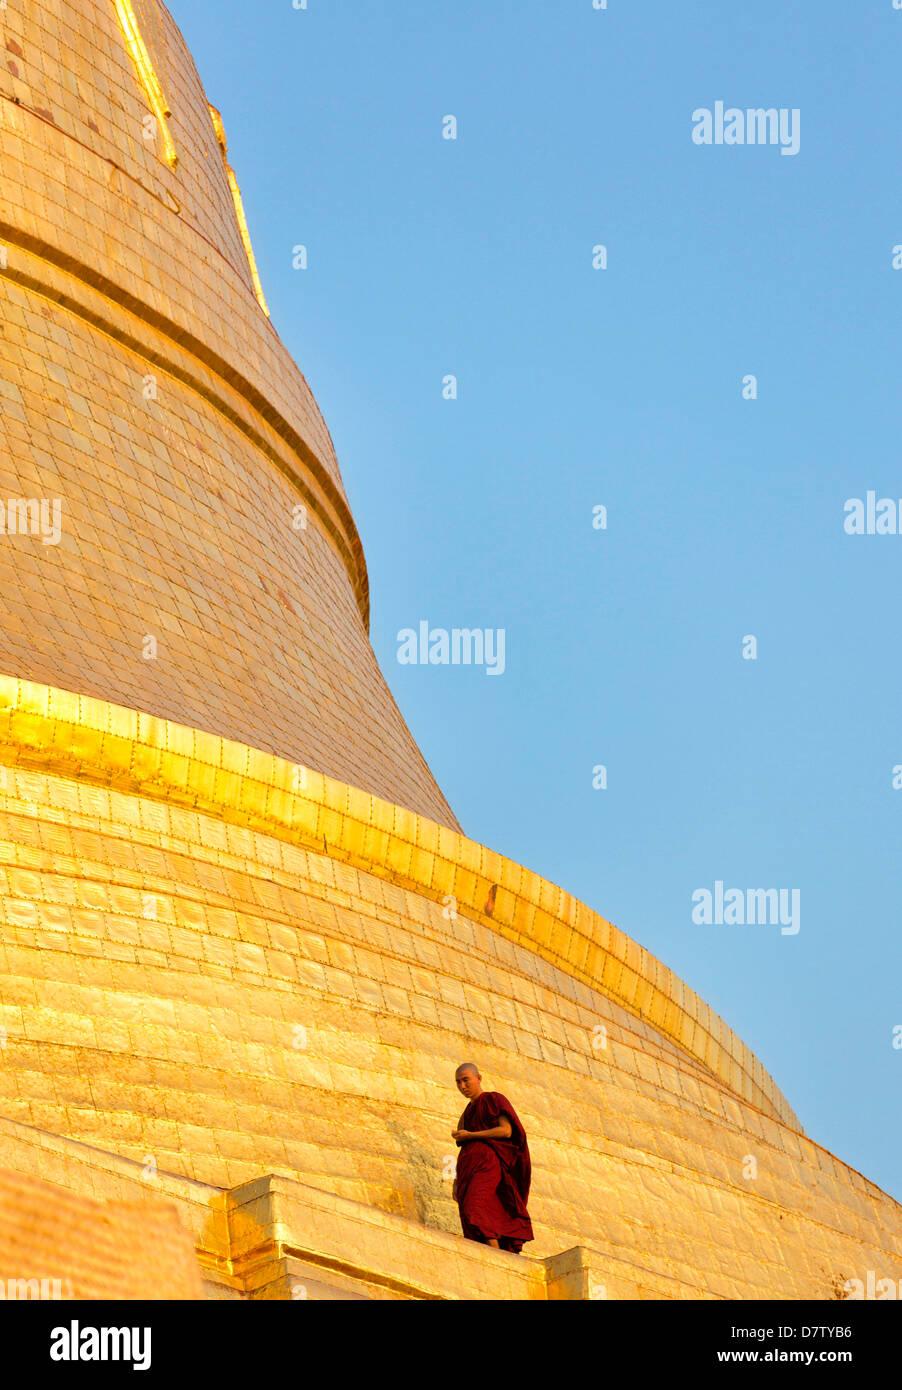 Buddhistischer Mönch zu Fuß rund um die vergoldete Kuppel der Shwedagon Paya (Pagode) in der Abenddämmerung, Stockbild